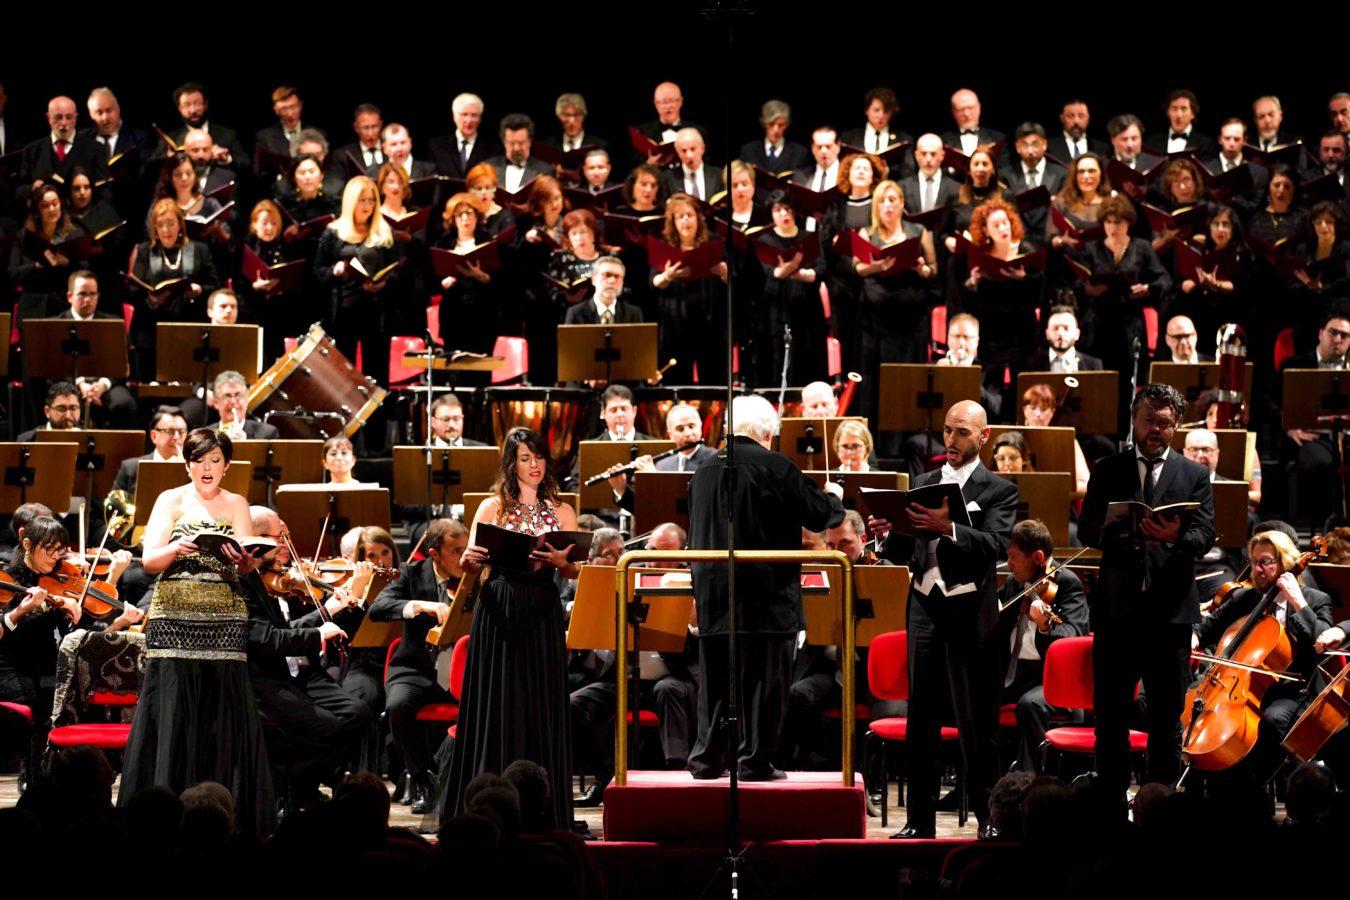 La gioia di suonare Beethoven dà la carica al Bellini di Catania